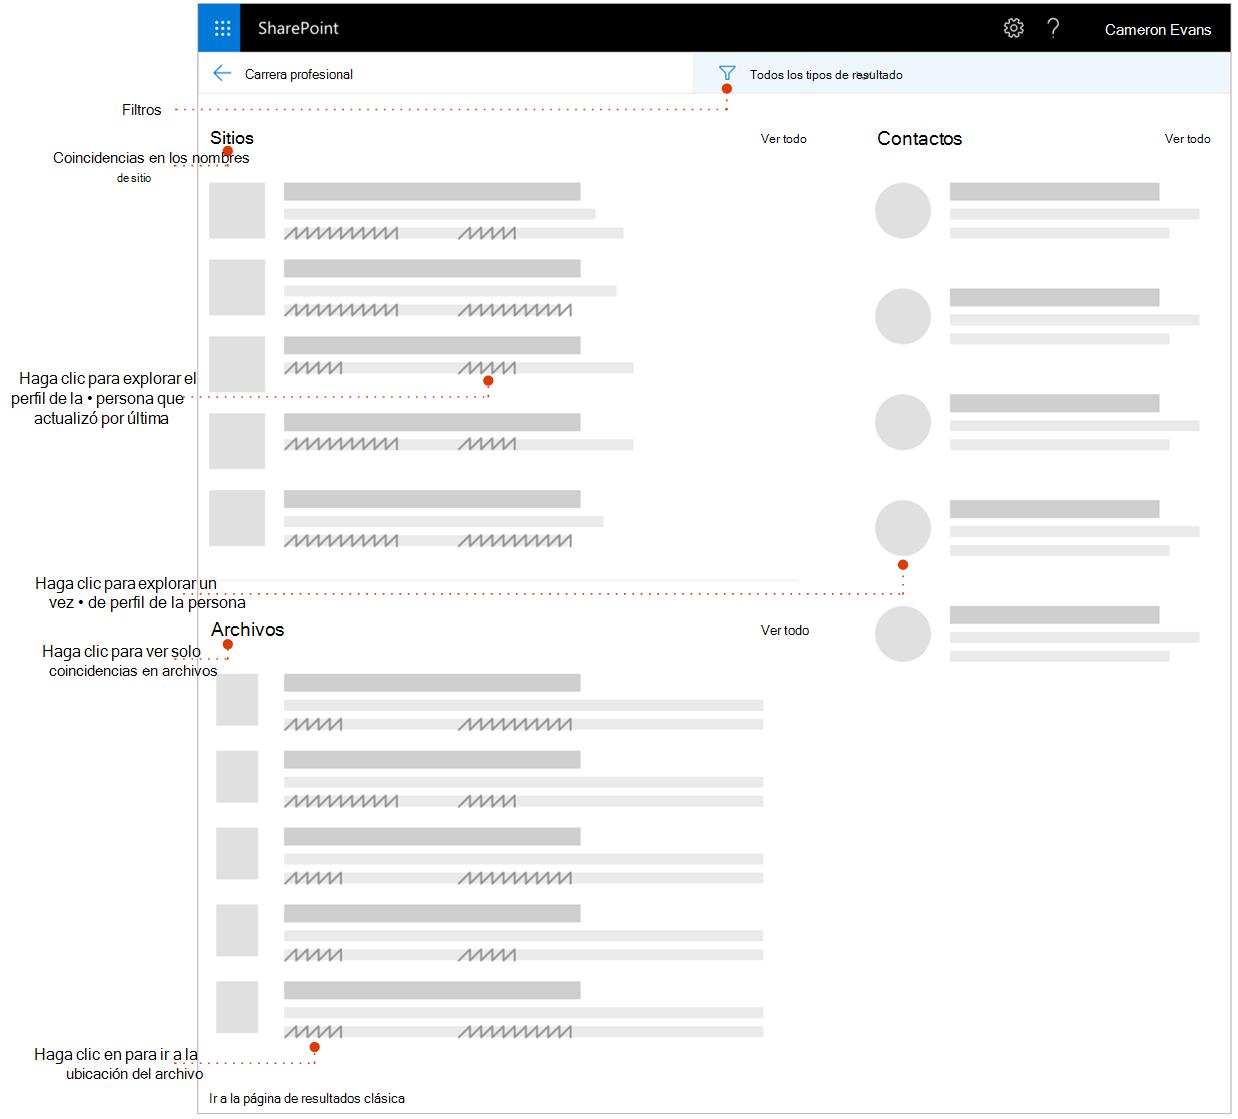 Captura de pantalla de búsqueda de resultados de página con punteros a elementos a explorar.